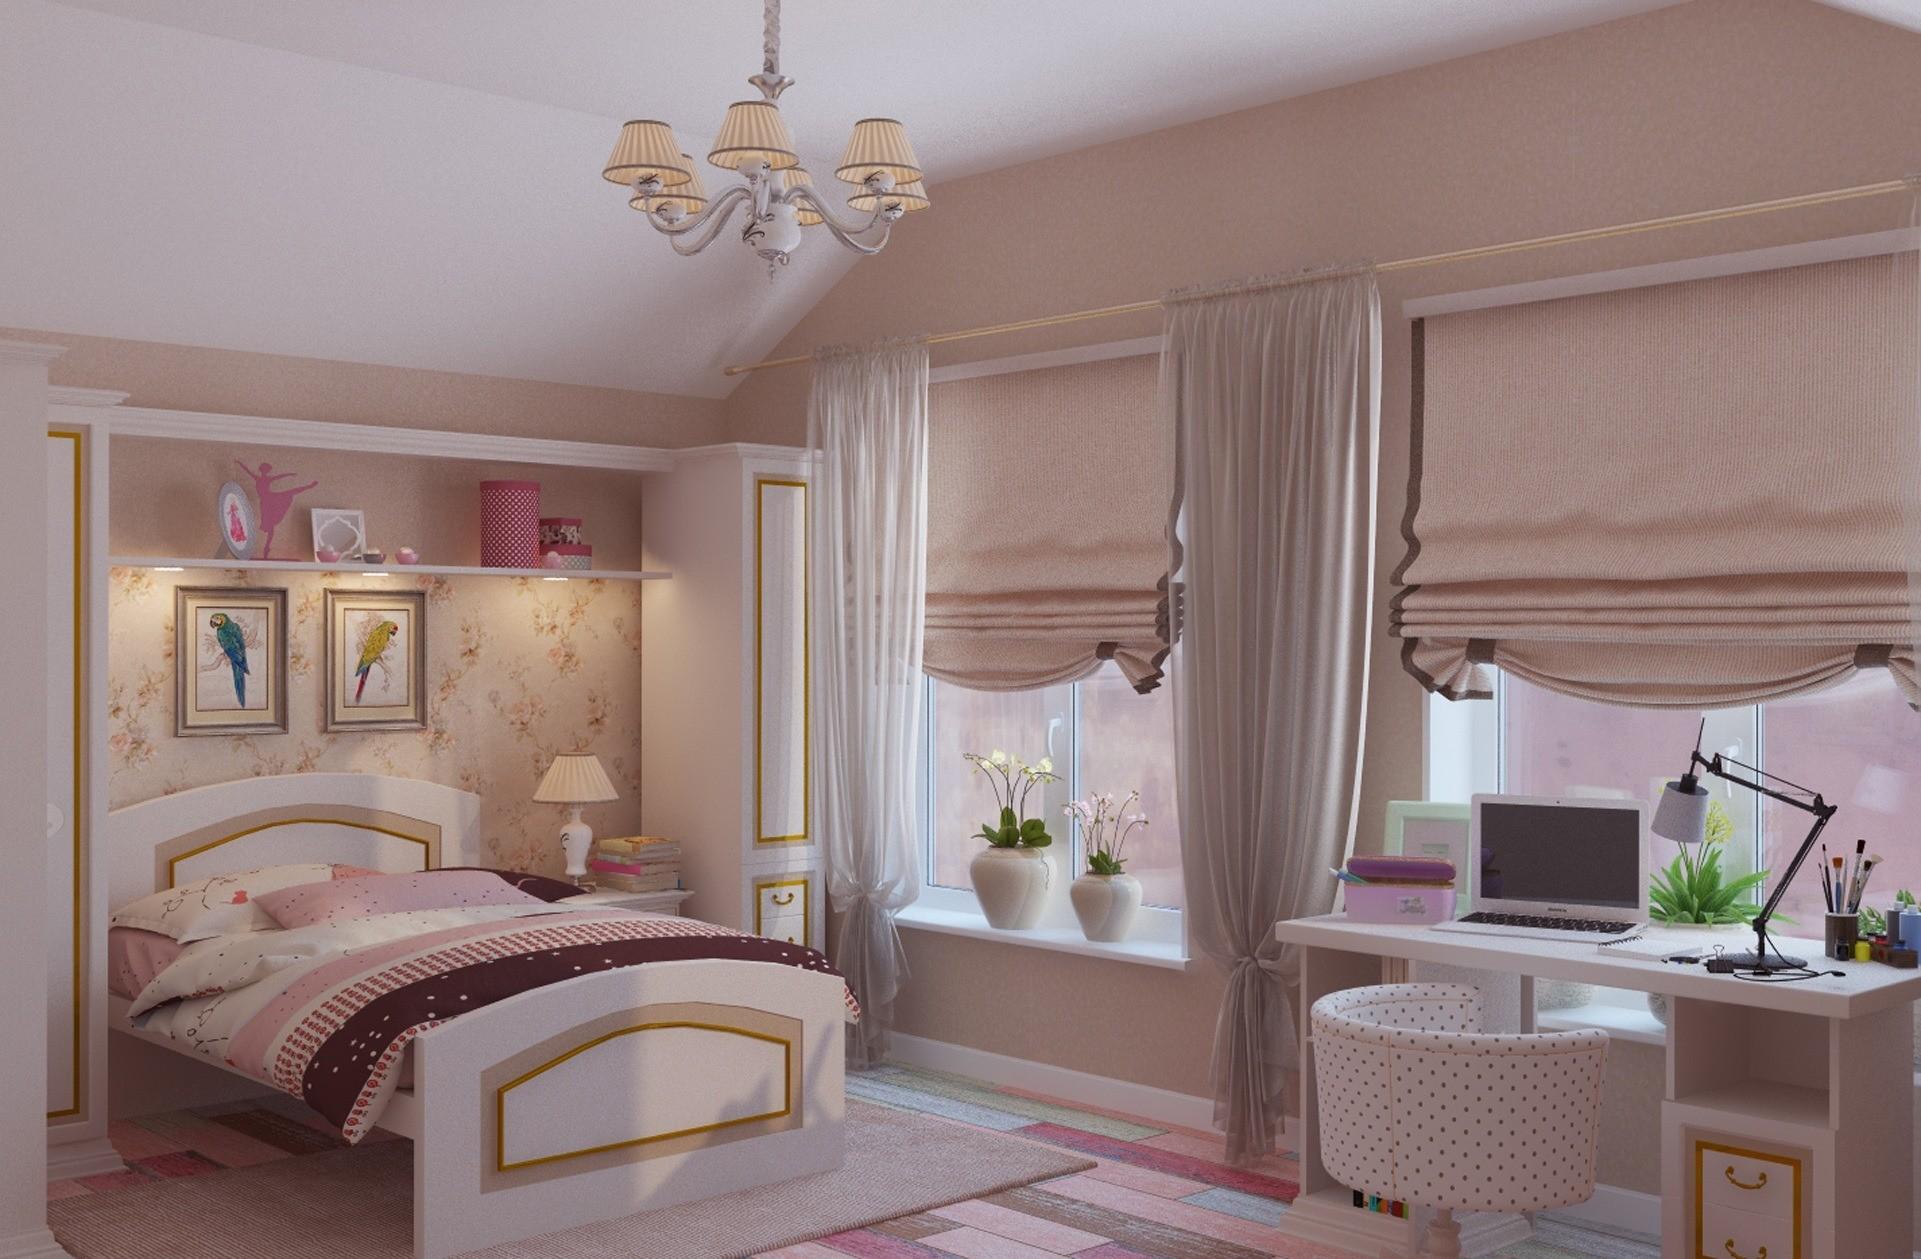 Спальня для девушки в розовой гамме